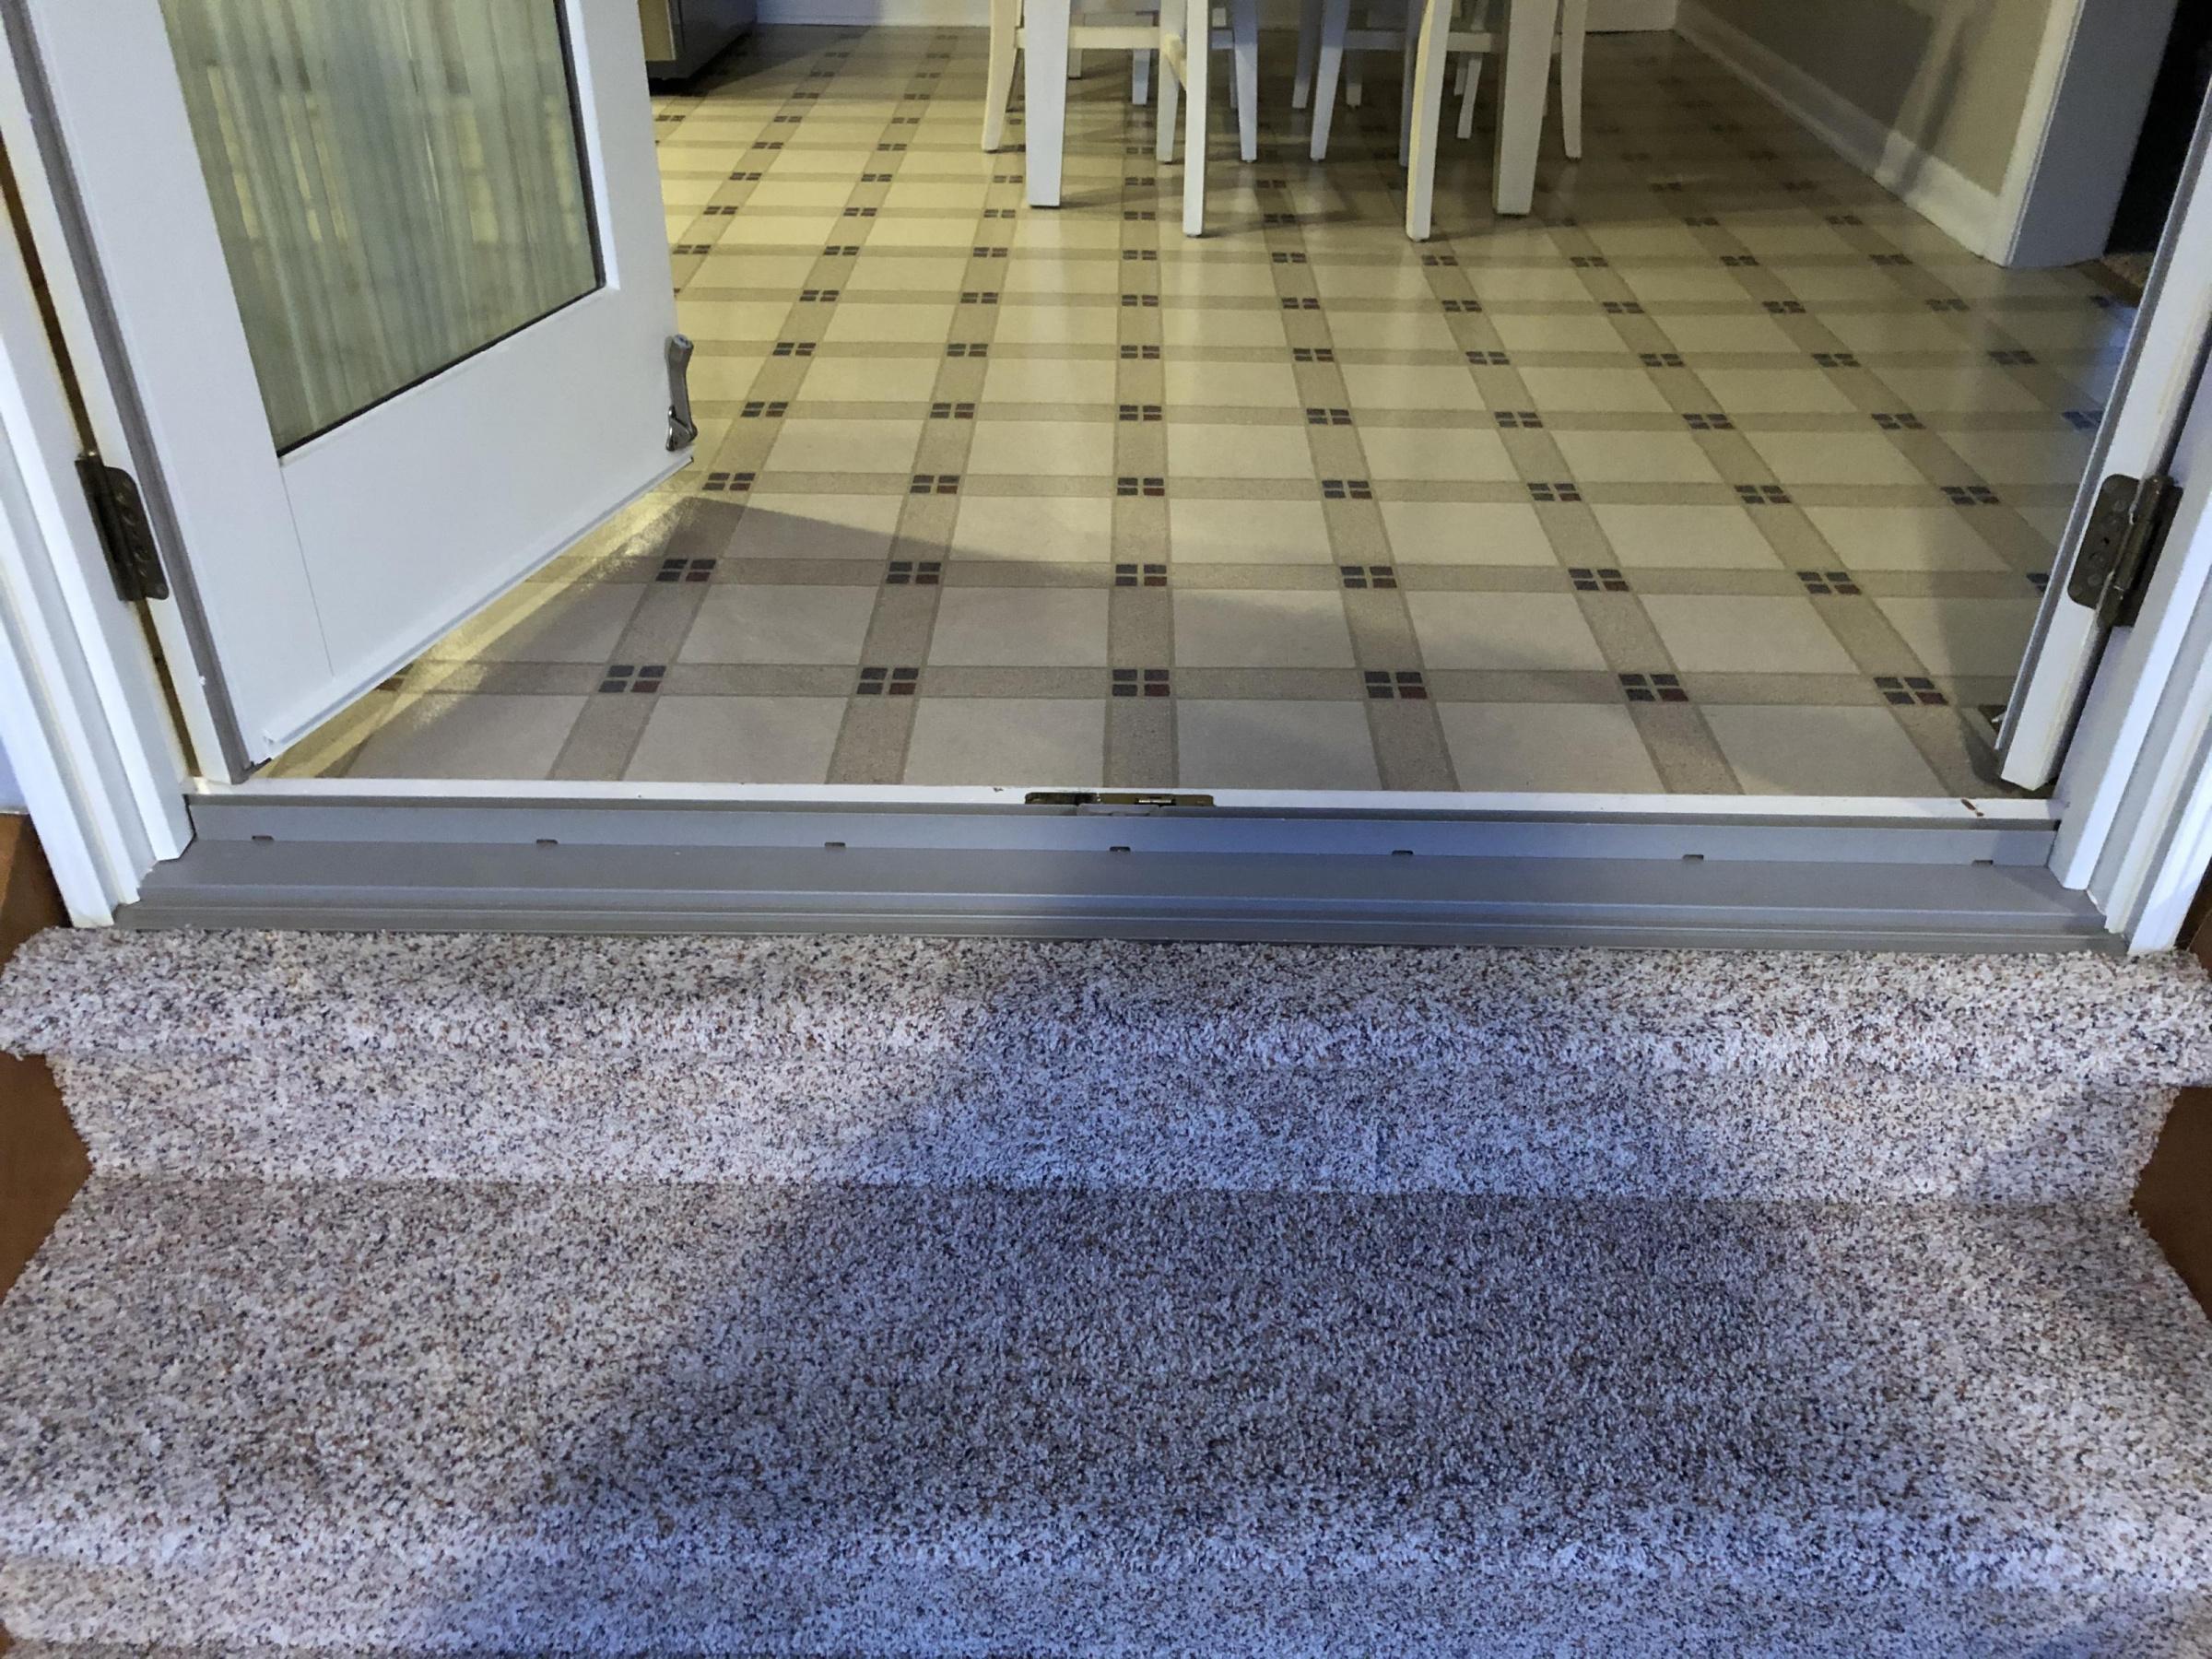 Door Floor Plate Transition ideas-6c3bdd2b-68a6-4d6e-94c2-0f9635d88bac_1578921811690.jpg